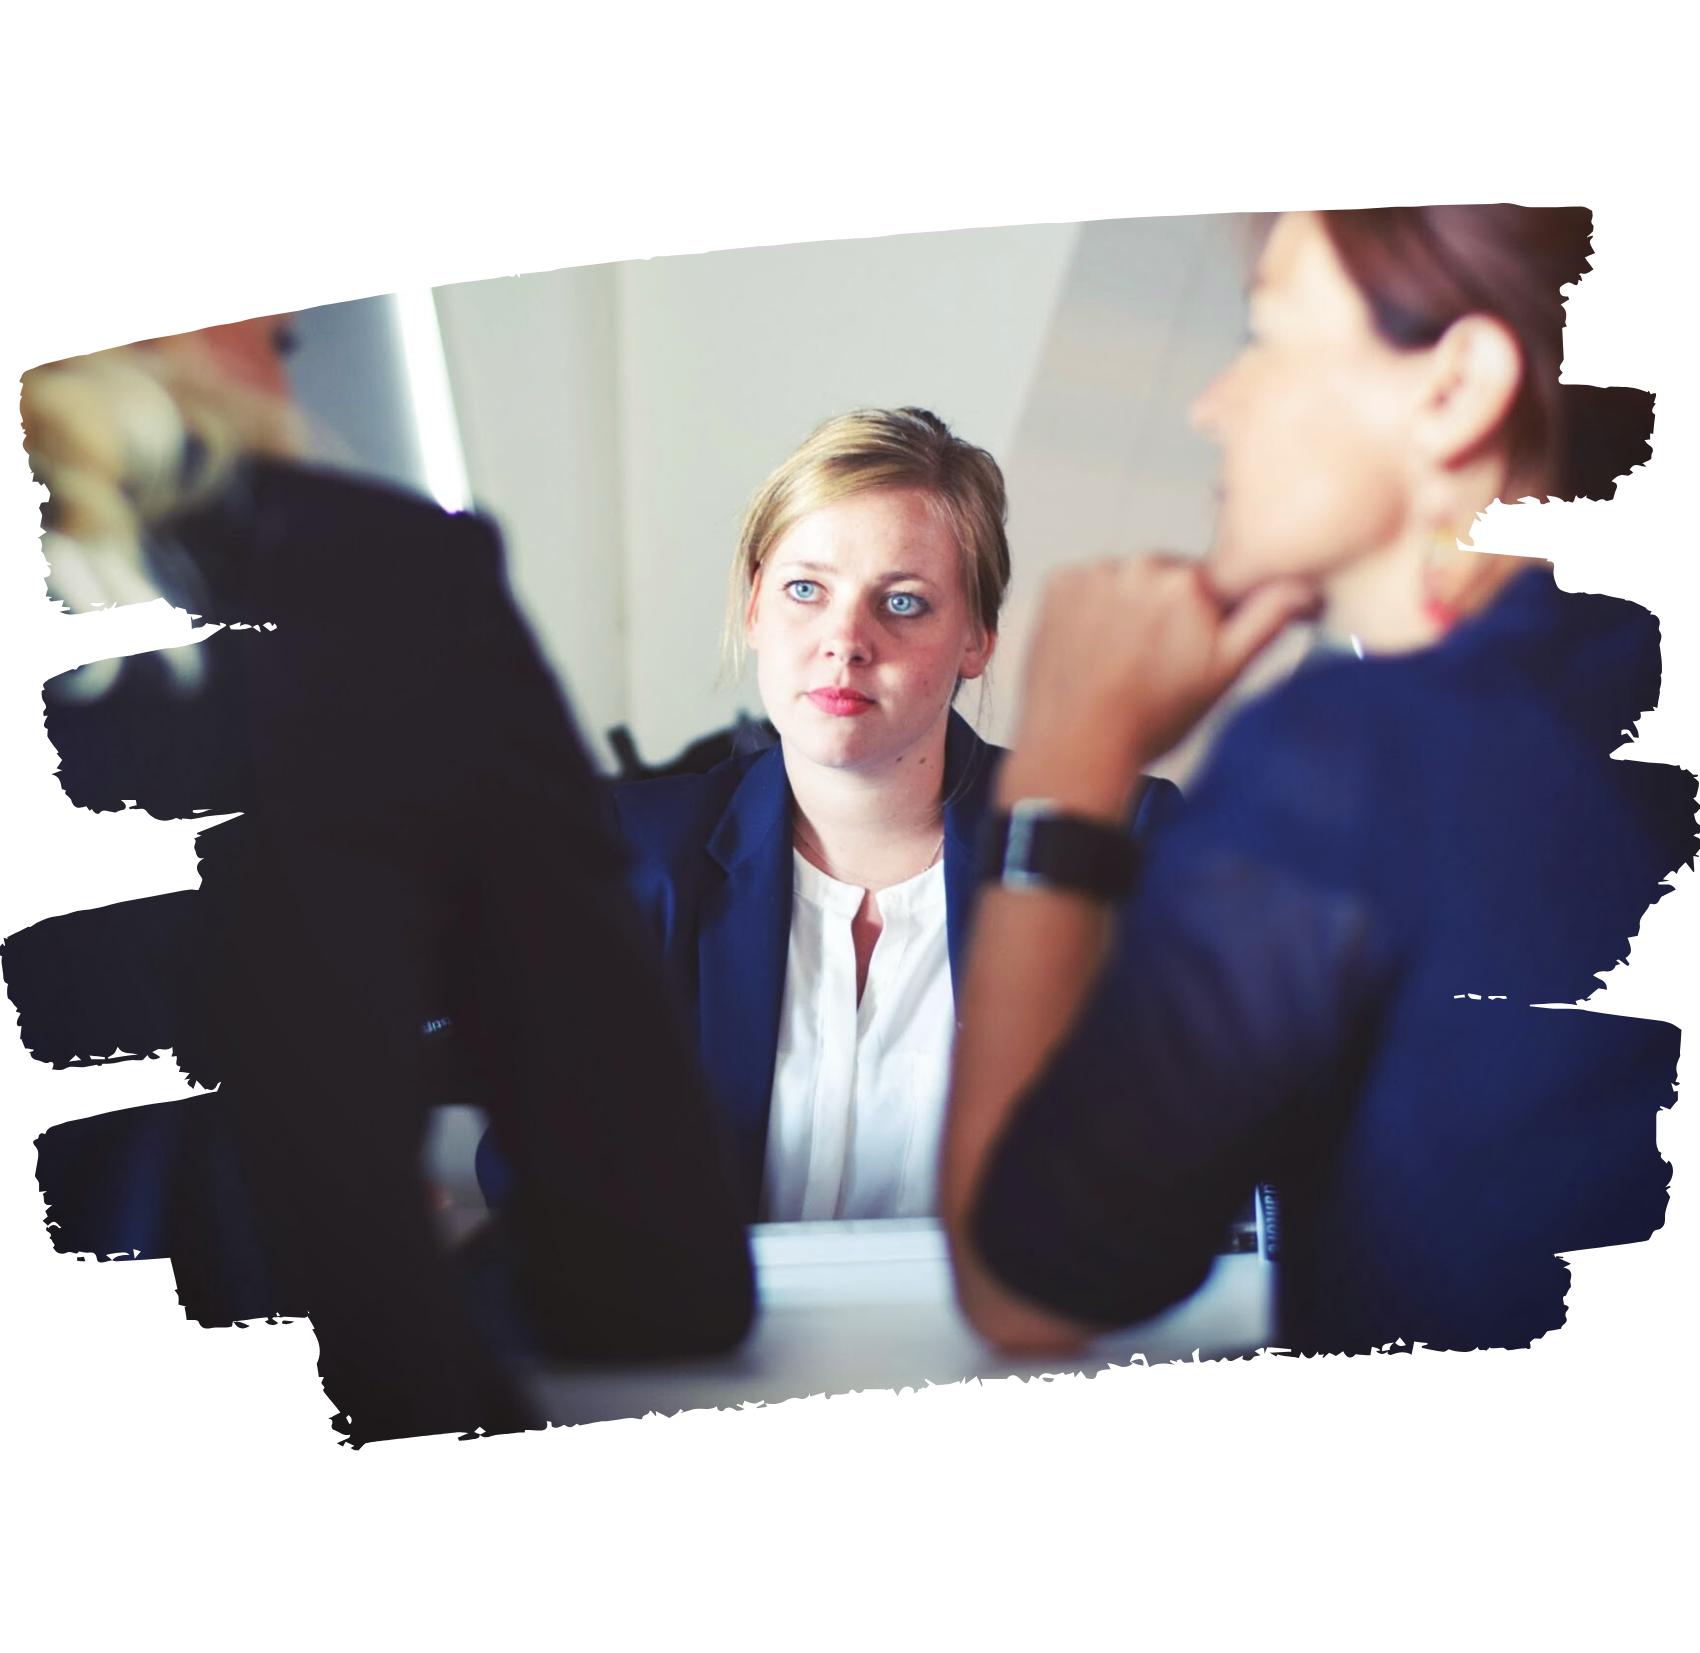 Entretien d'embauche effectué par un recruteur